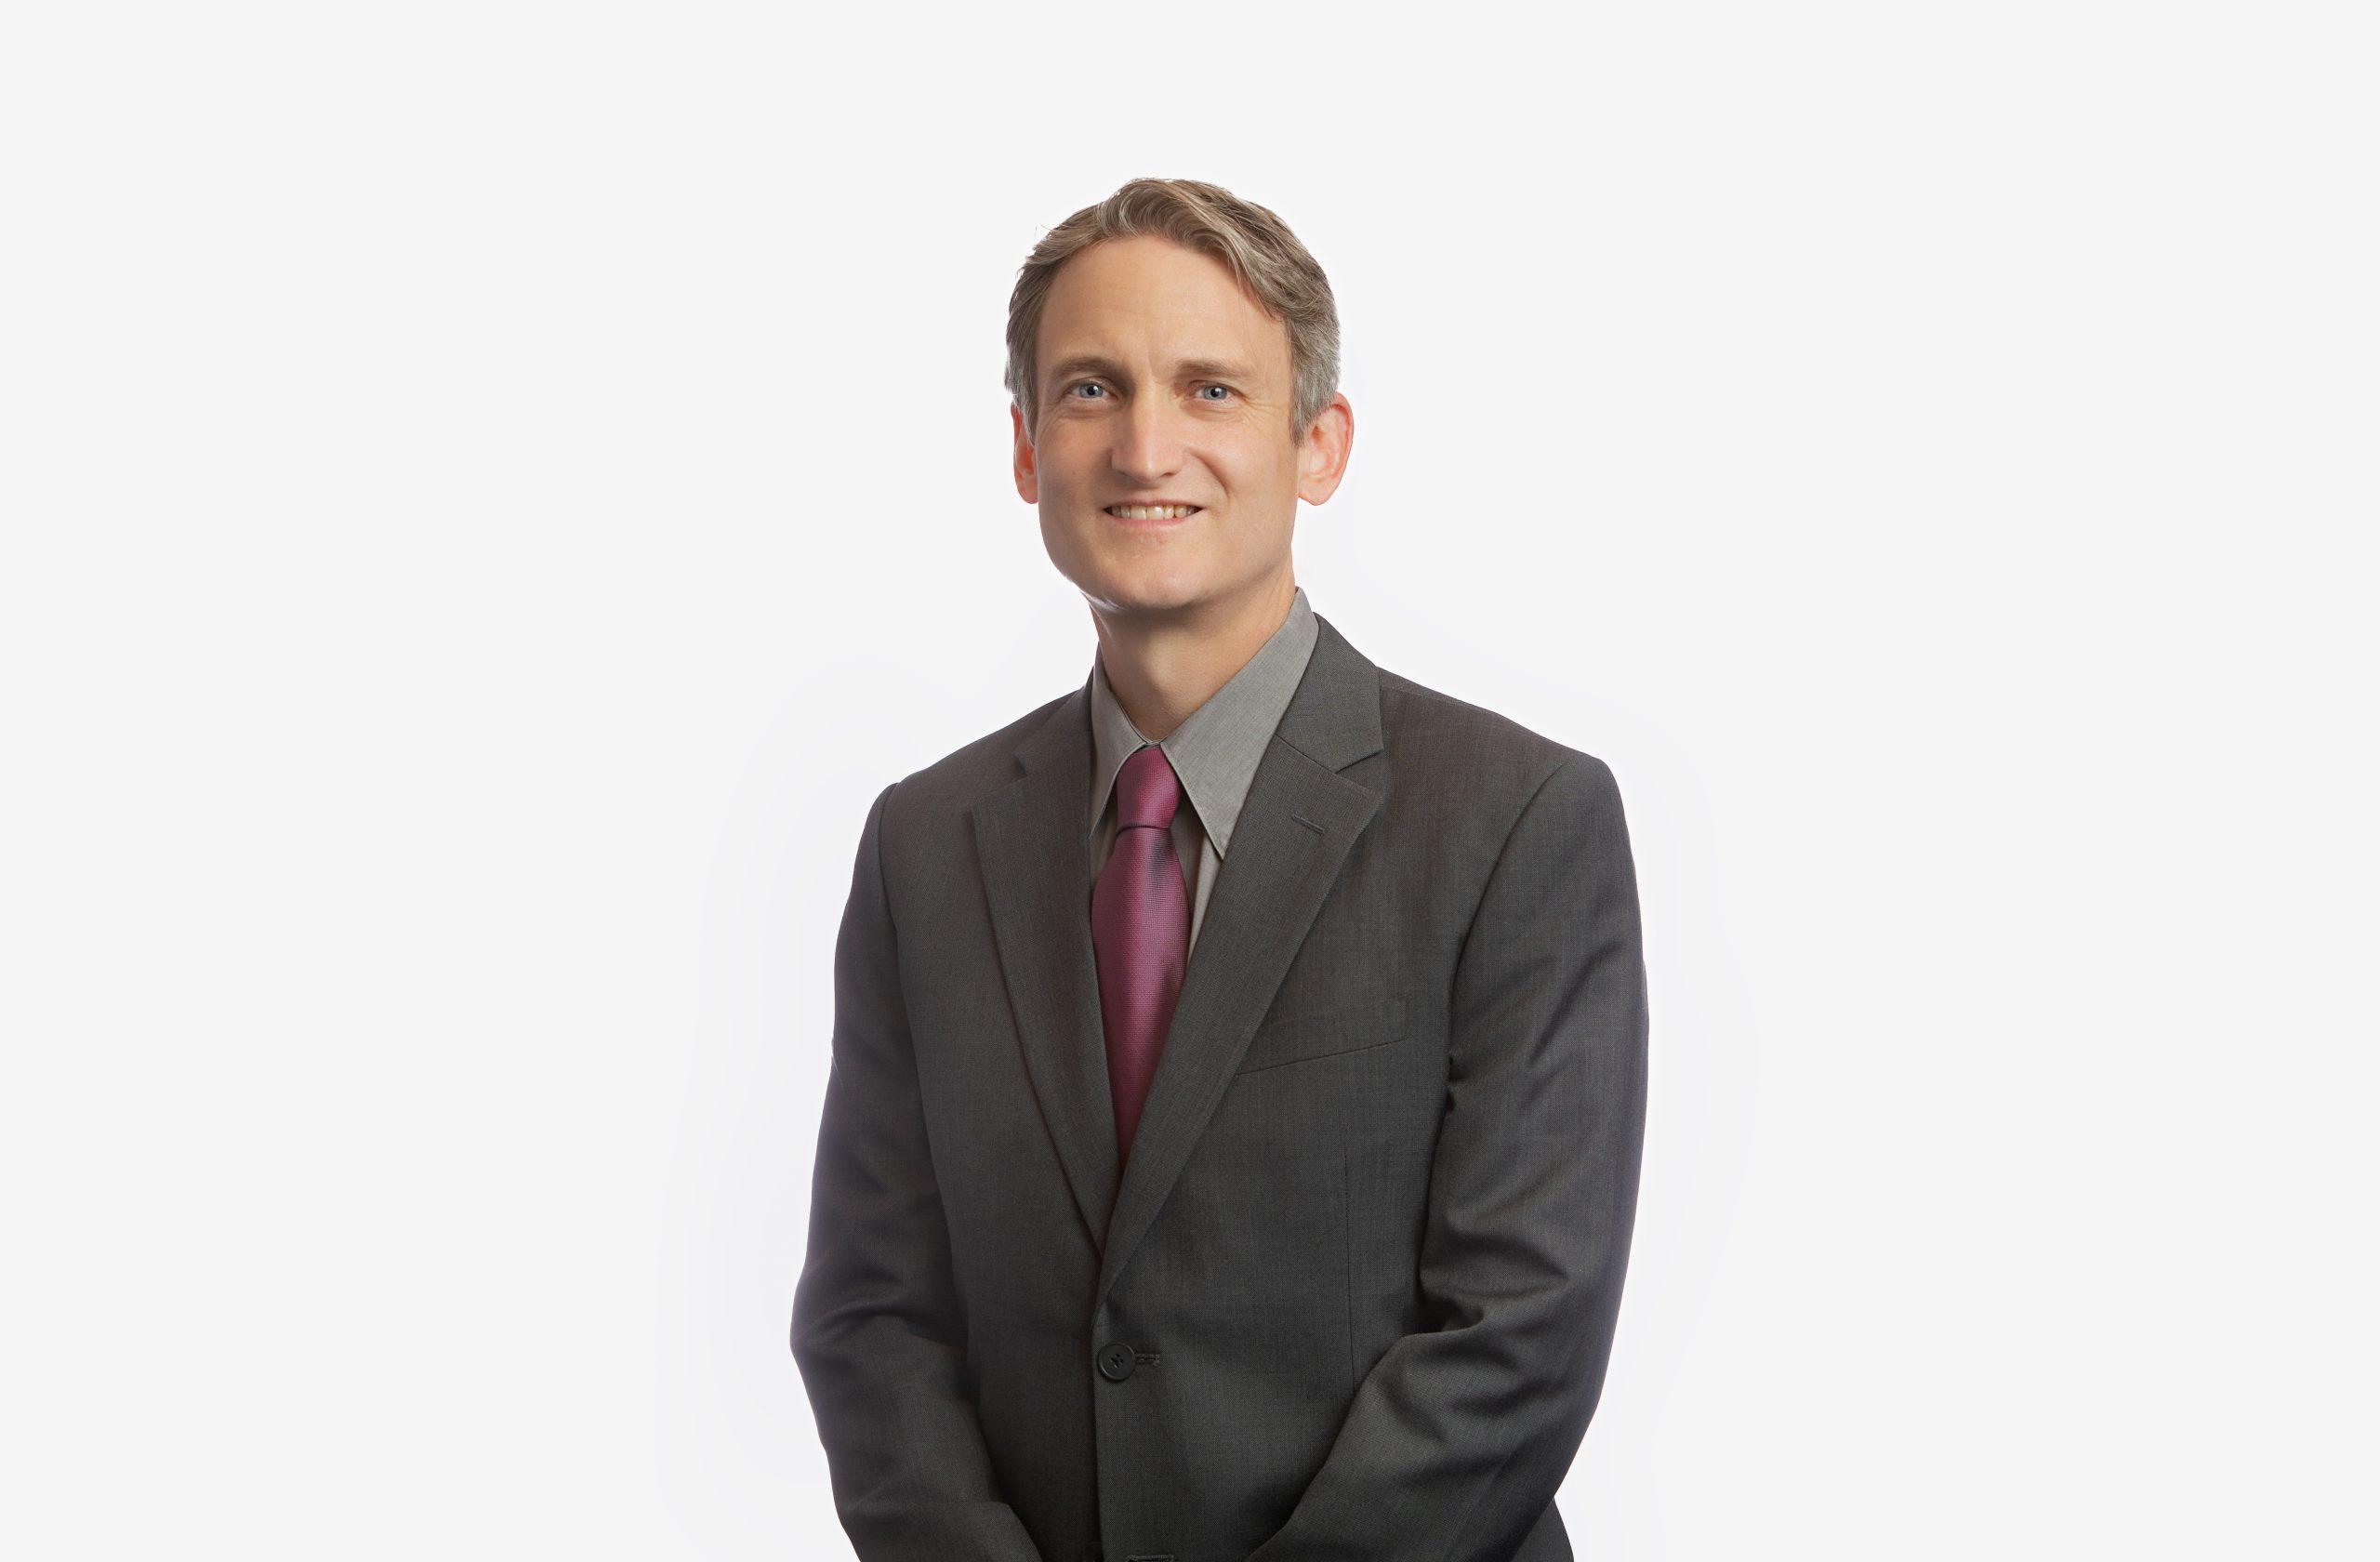 Jim Schutz